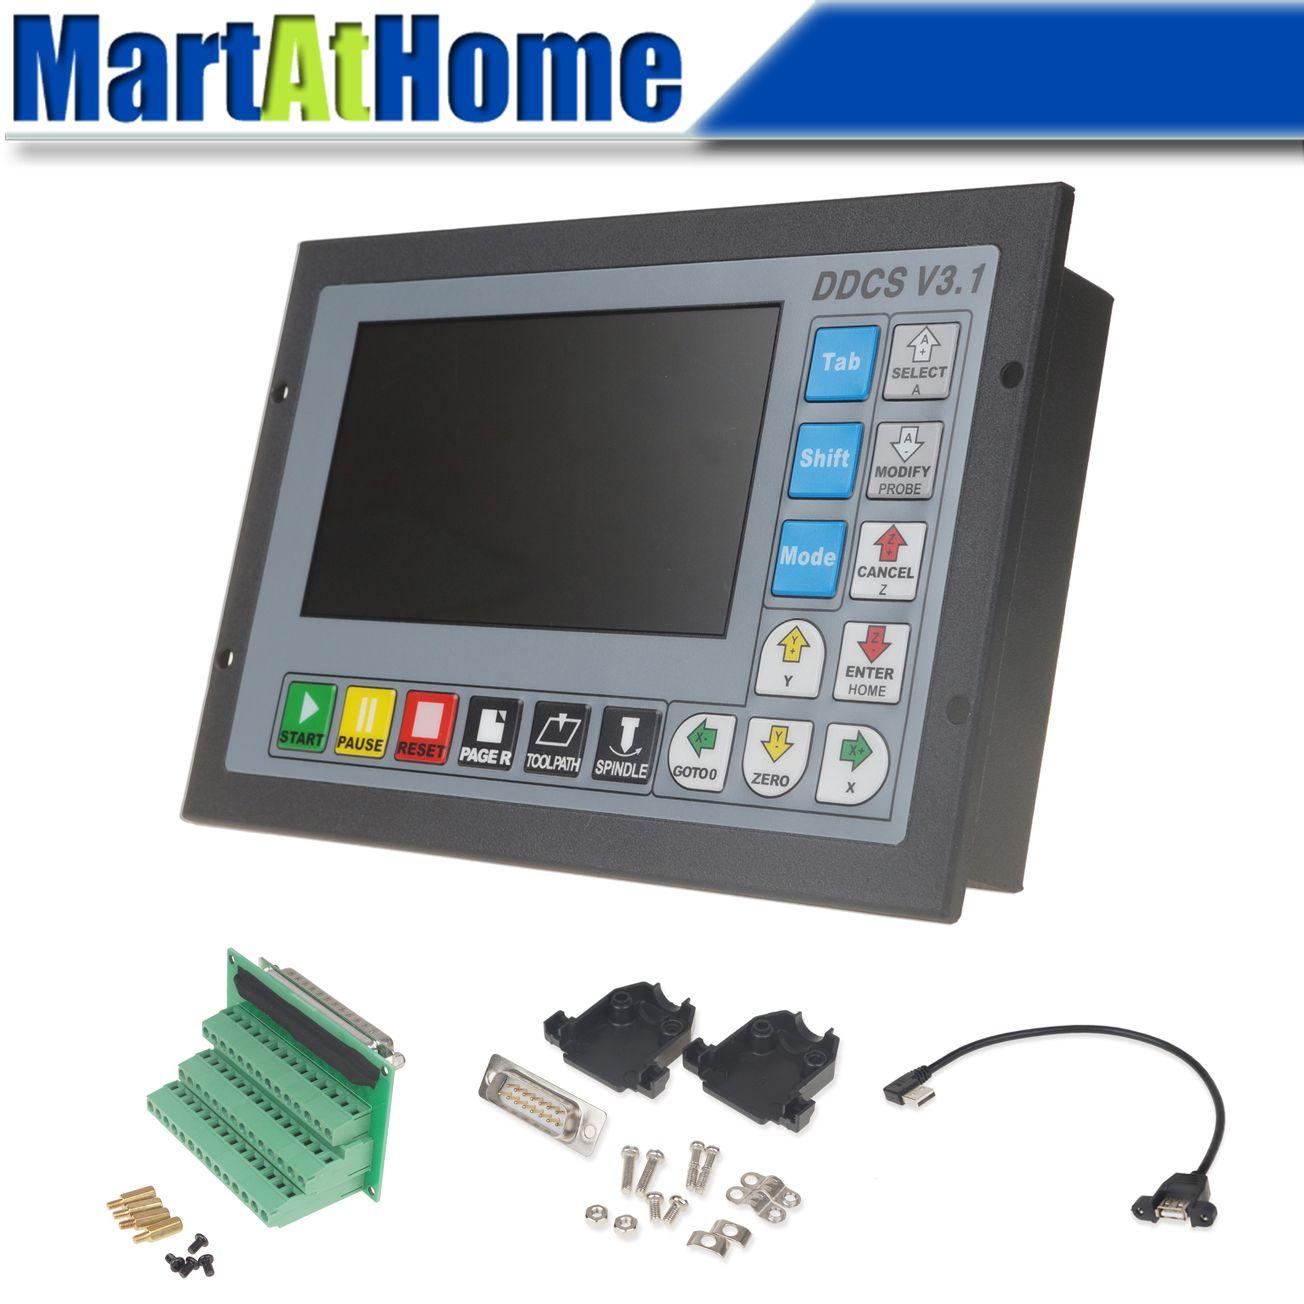 3/4 achse 500Khz CNC Motion Controller DDCSV3.1 Offline Bedienen 1GB Interne G code Unterstützung USB Flash Disk @ SD # SP061